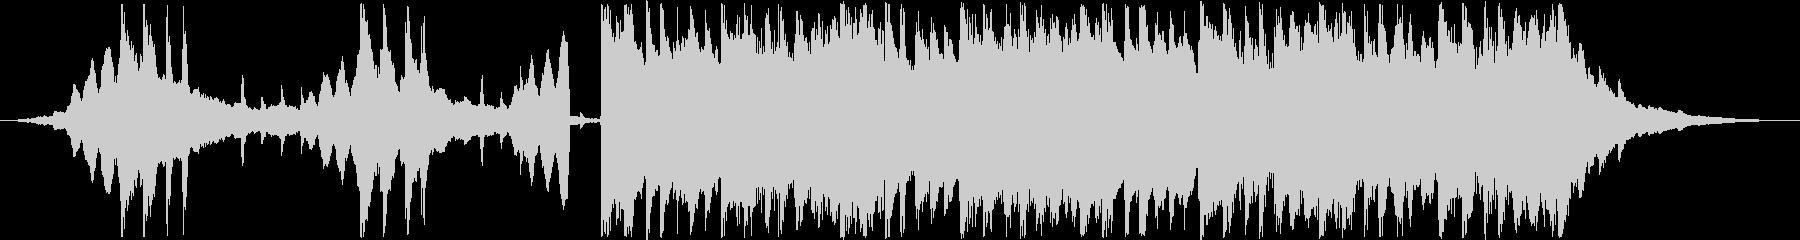 30秒CM用、エレクトロ、スタイリッシュの未再生の波形